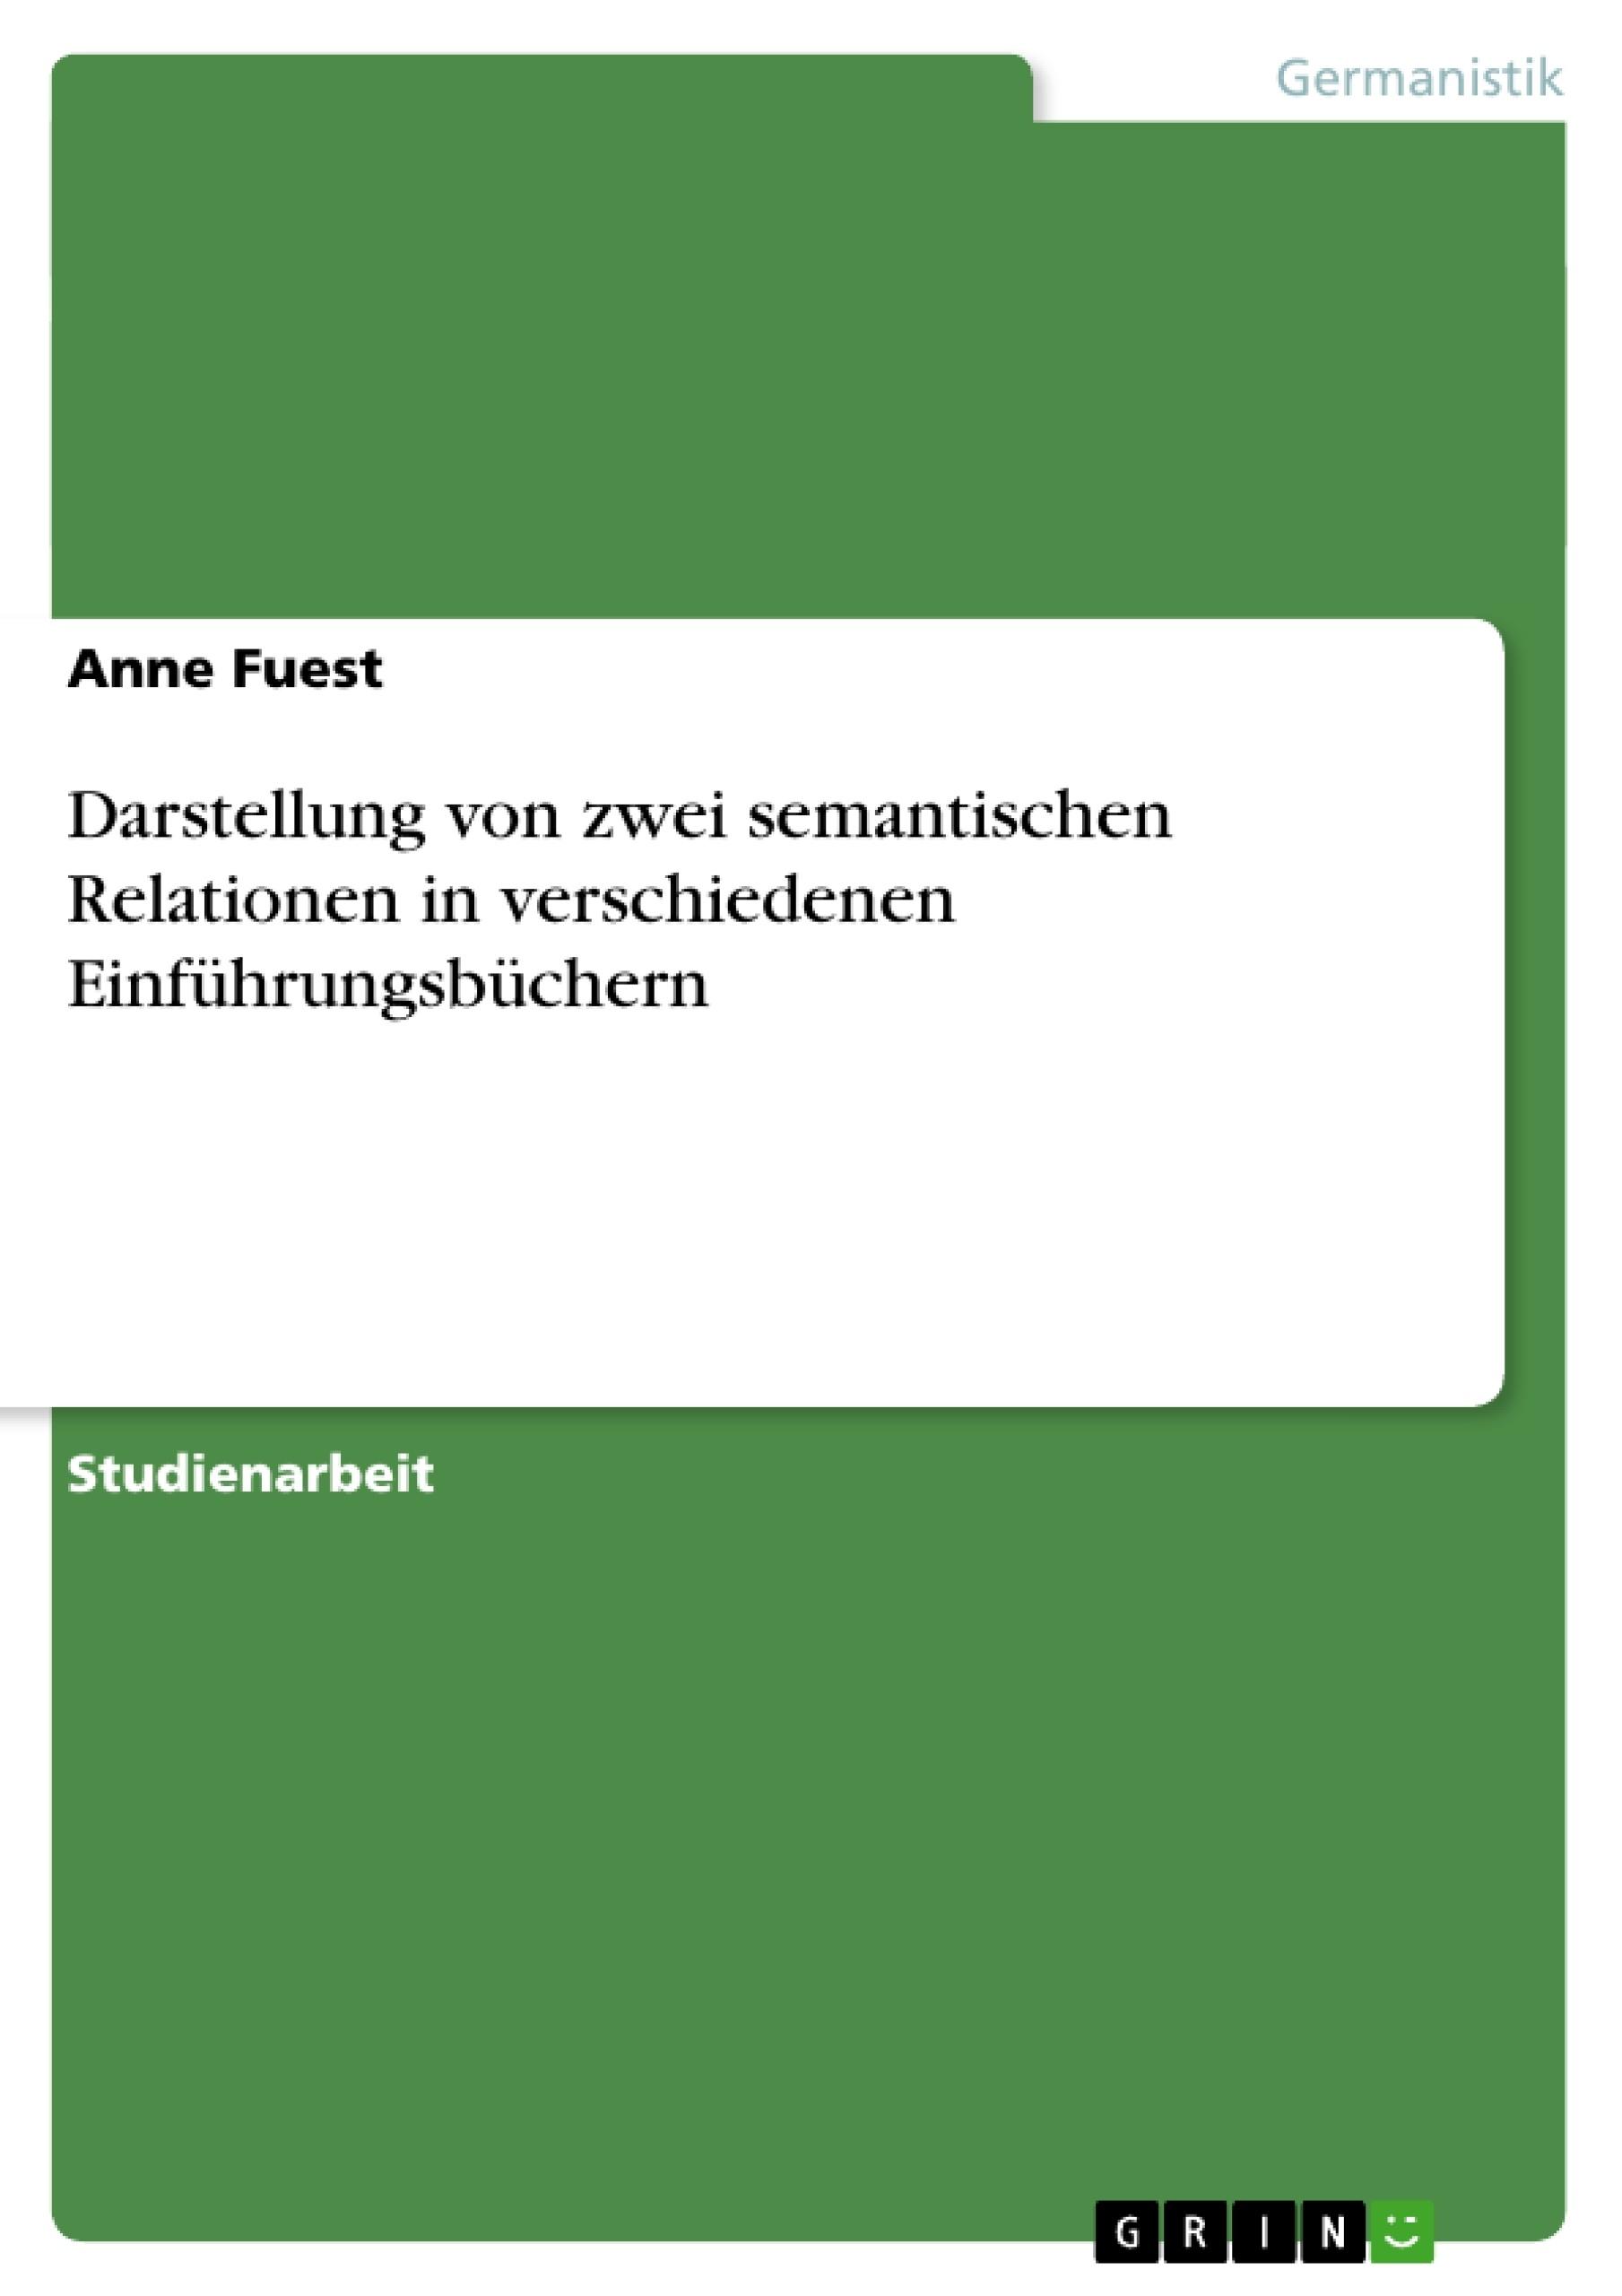 Titel: Darstellung von zwei semantischen Relationen in verschiedenen Einführungsbüchern